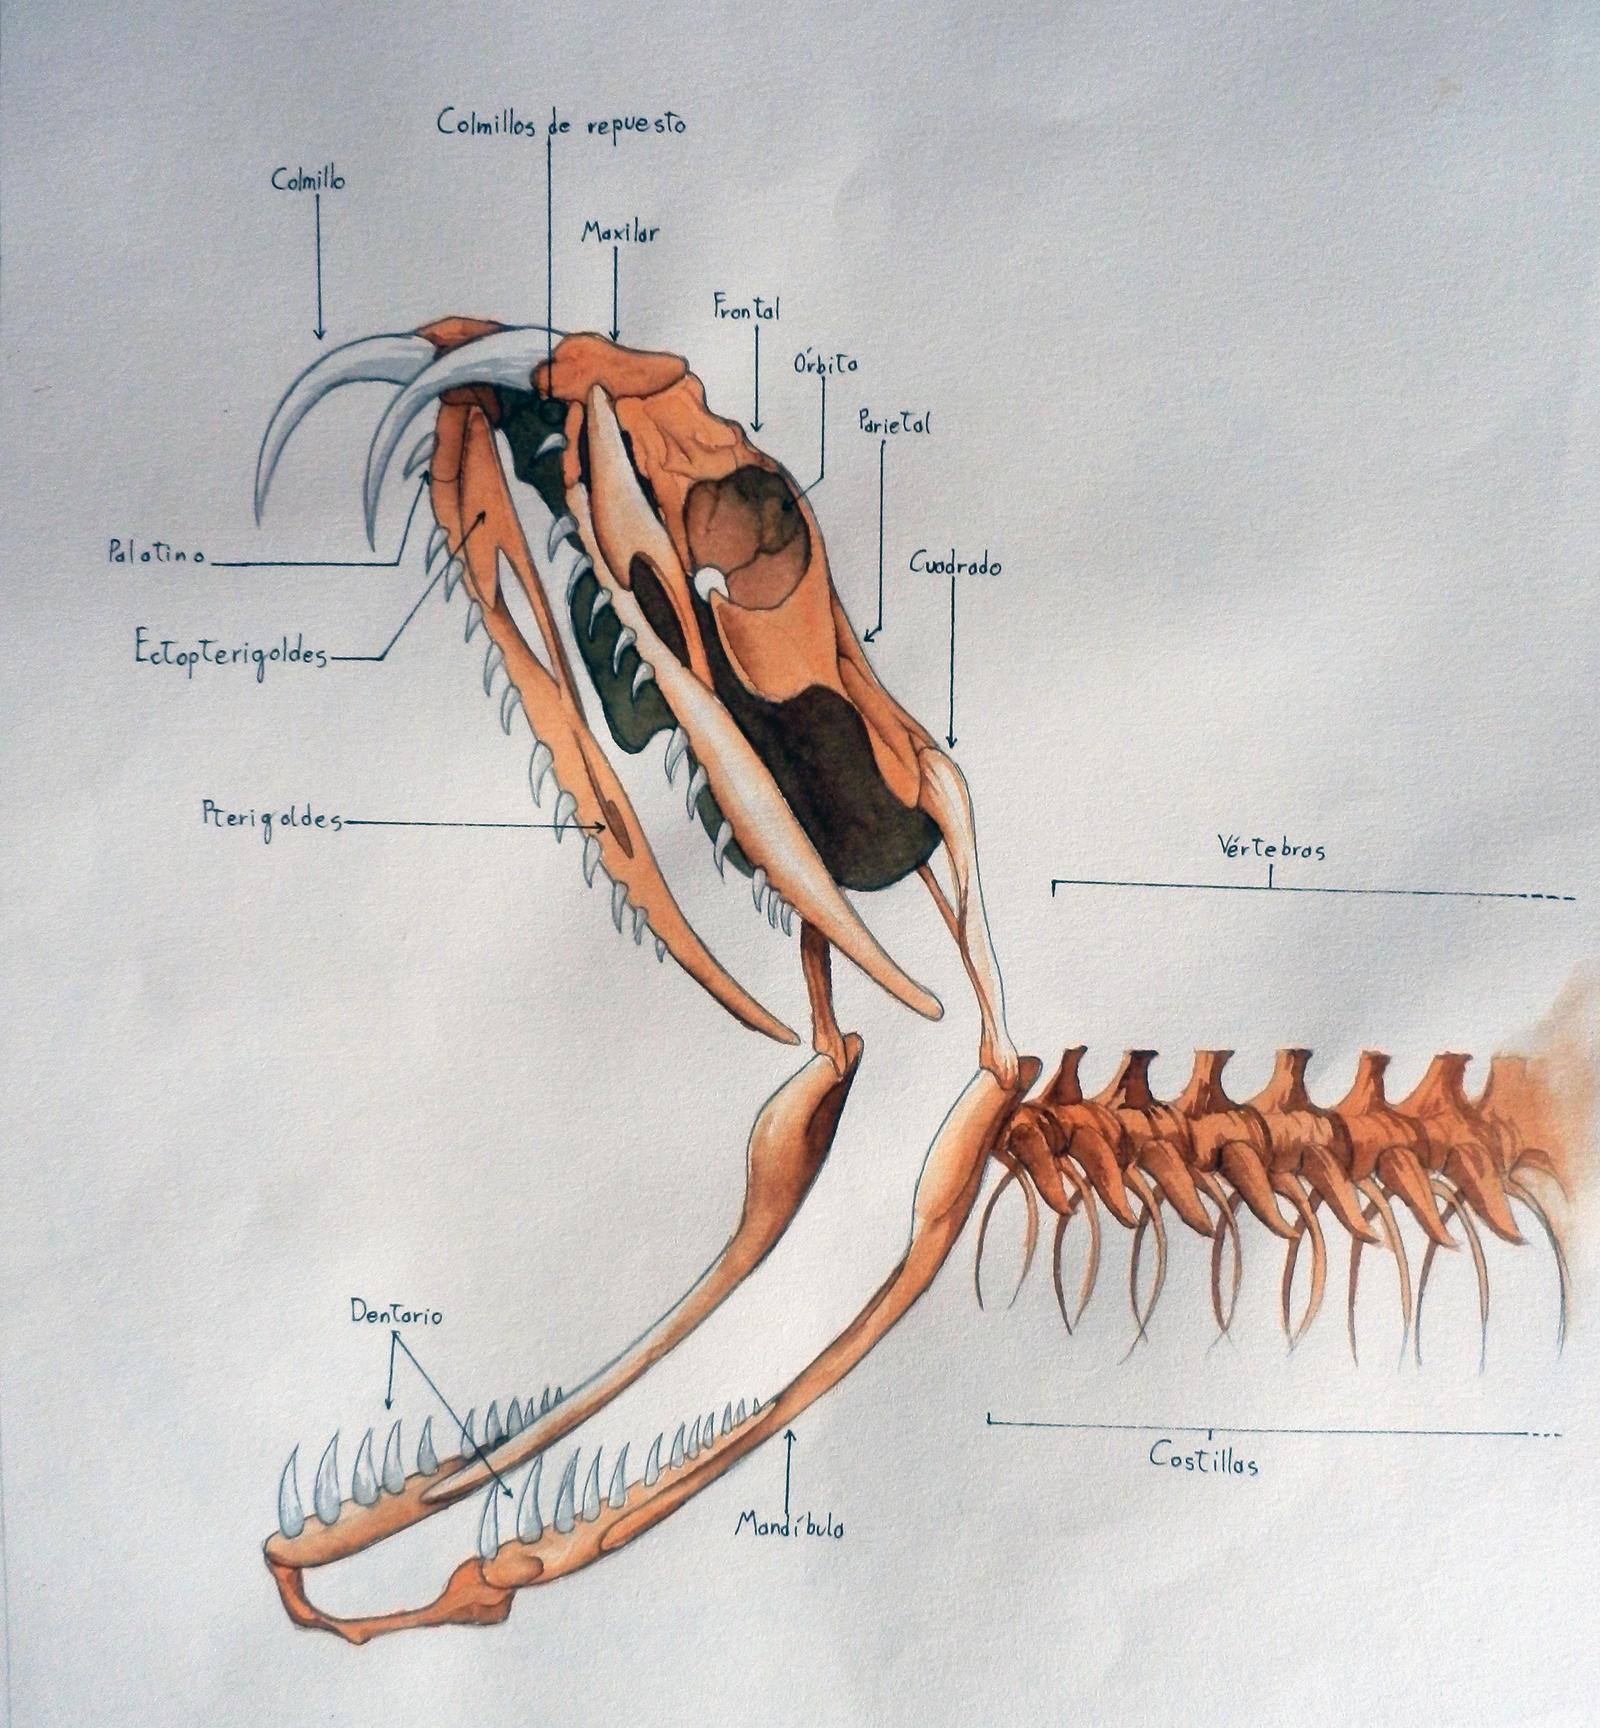 Snake Skeleton (Anatomy study) by Erobertix on DeviantArt